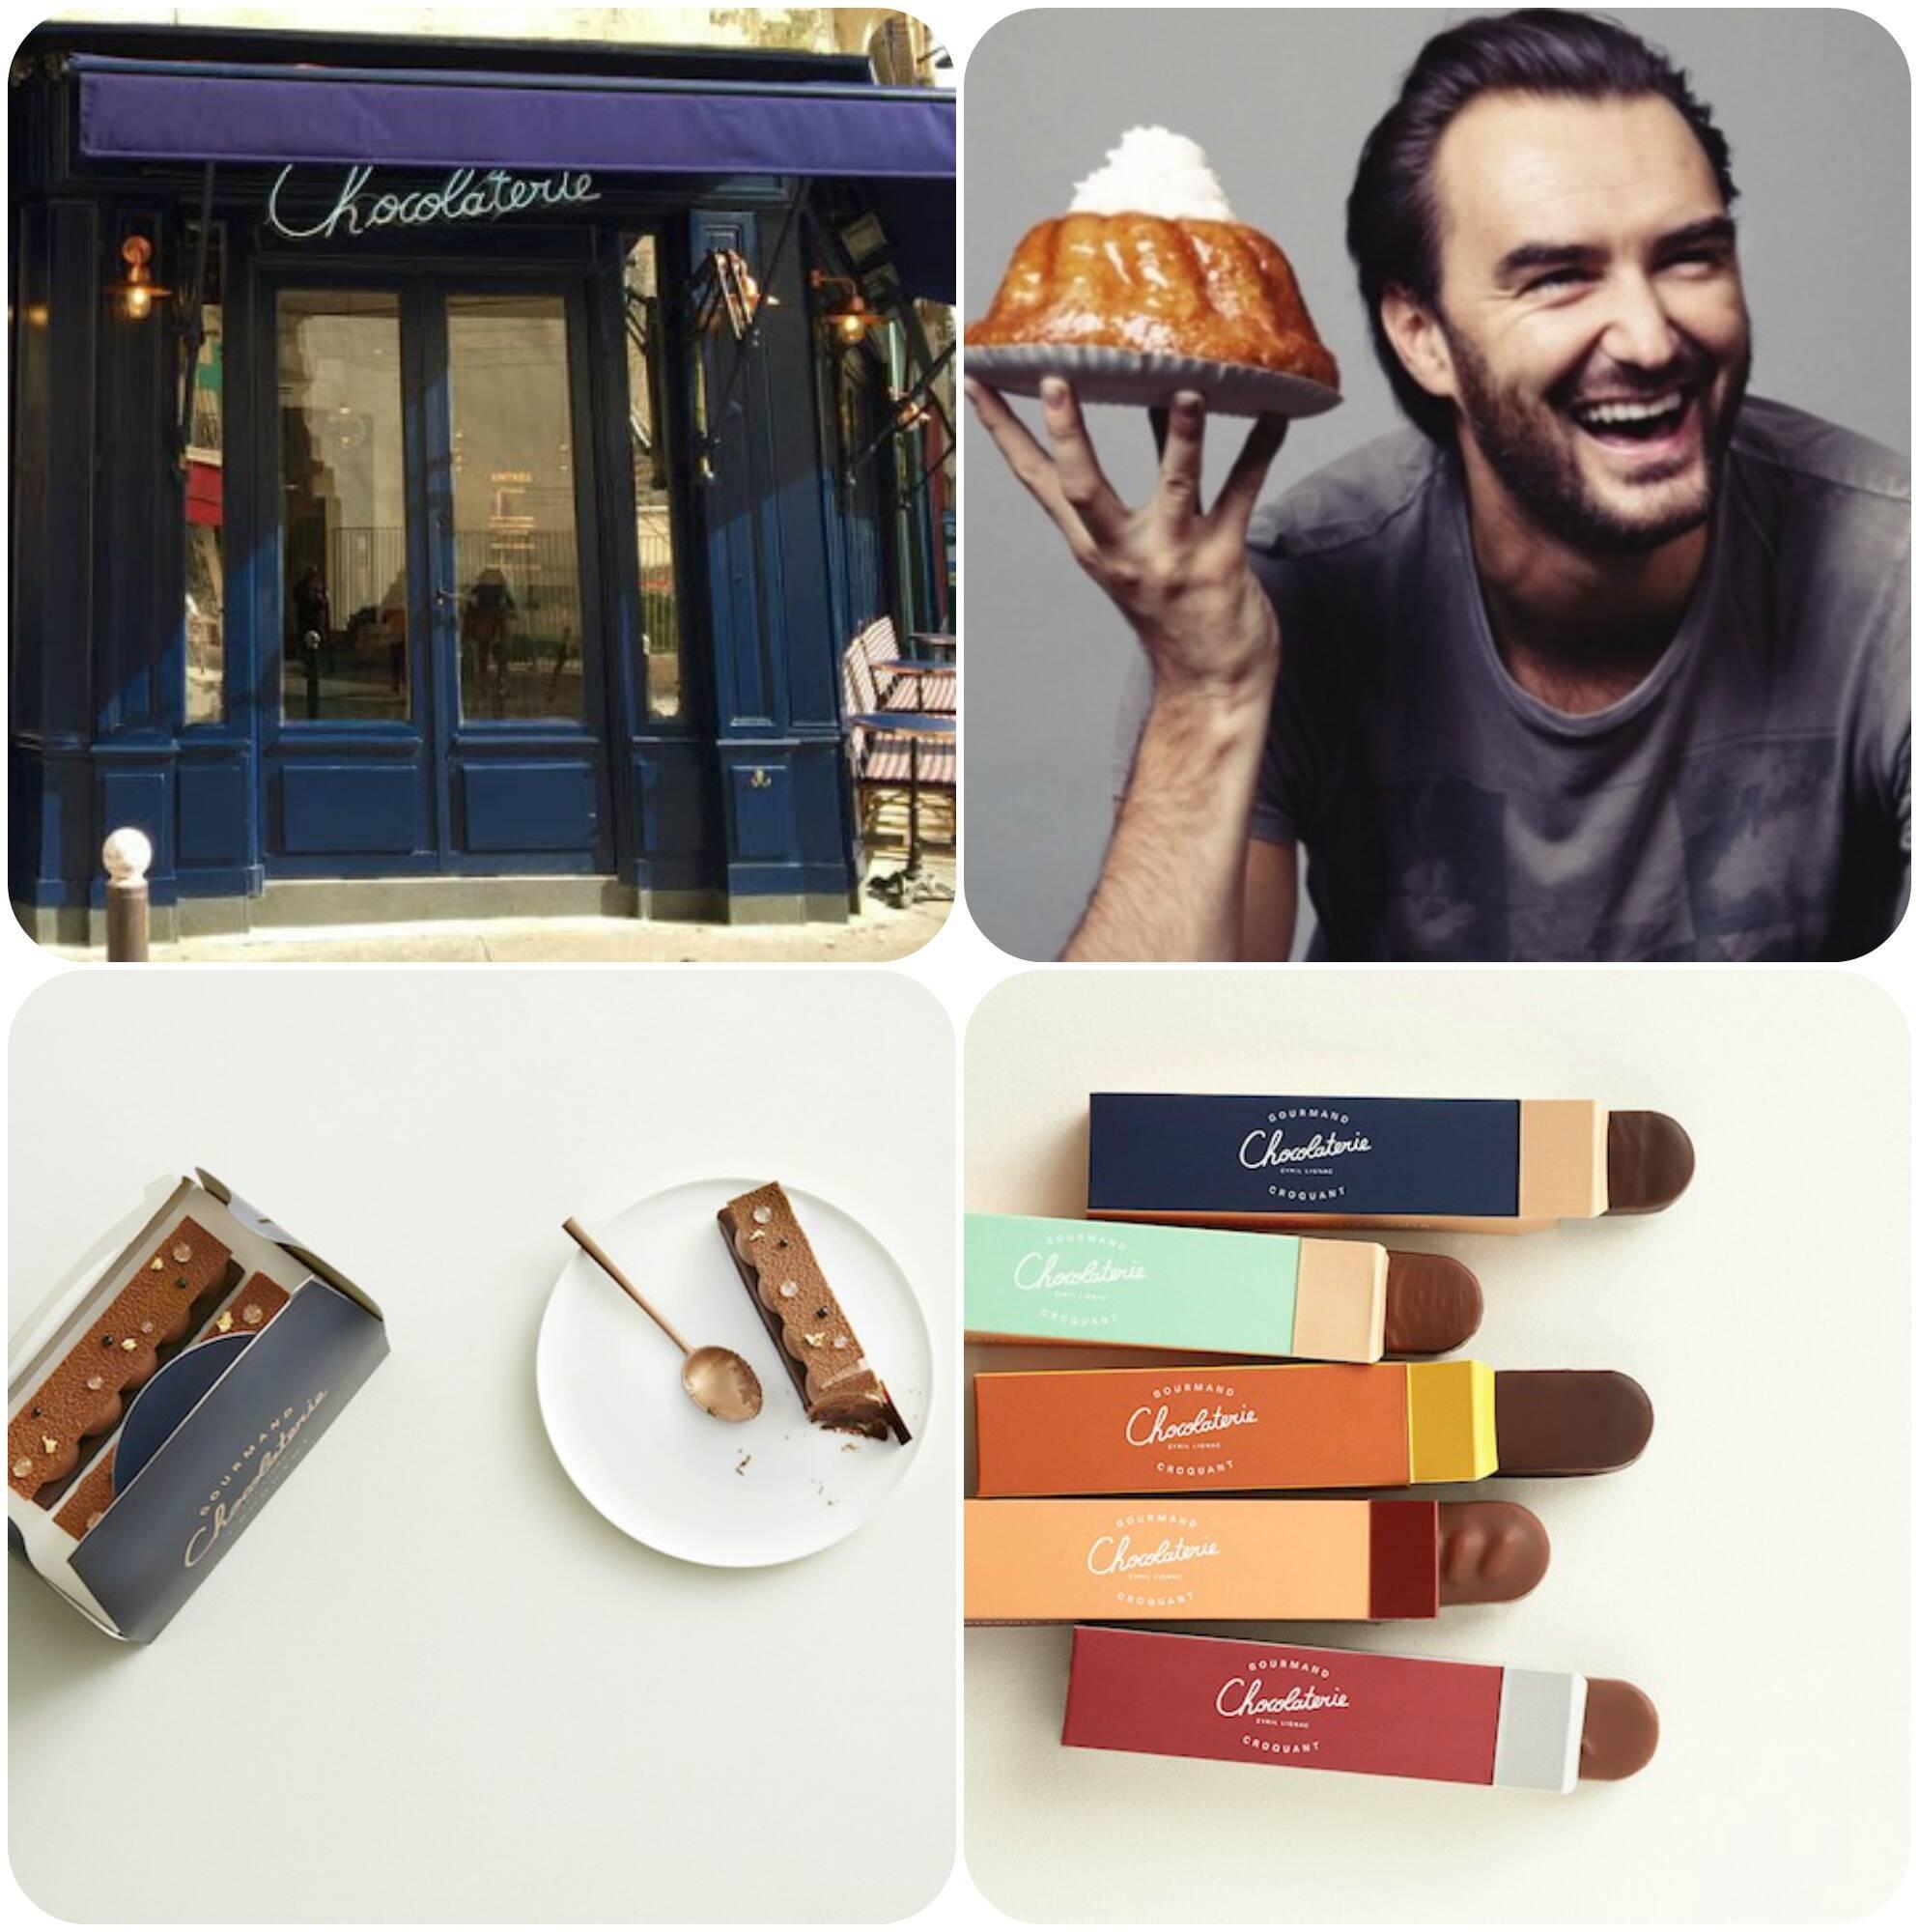 Os chefs confeiteiros Cyril Lignac e Benoit Couvrand inauguram sua nova loja de chocolates, na Rua Chanzy